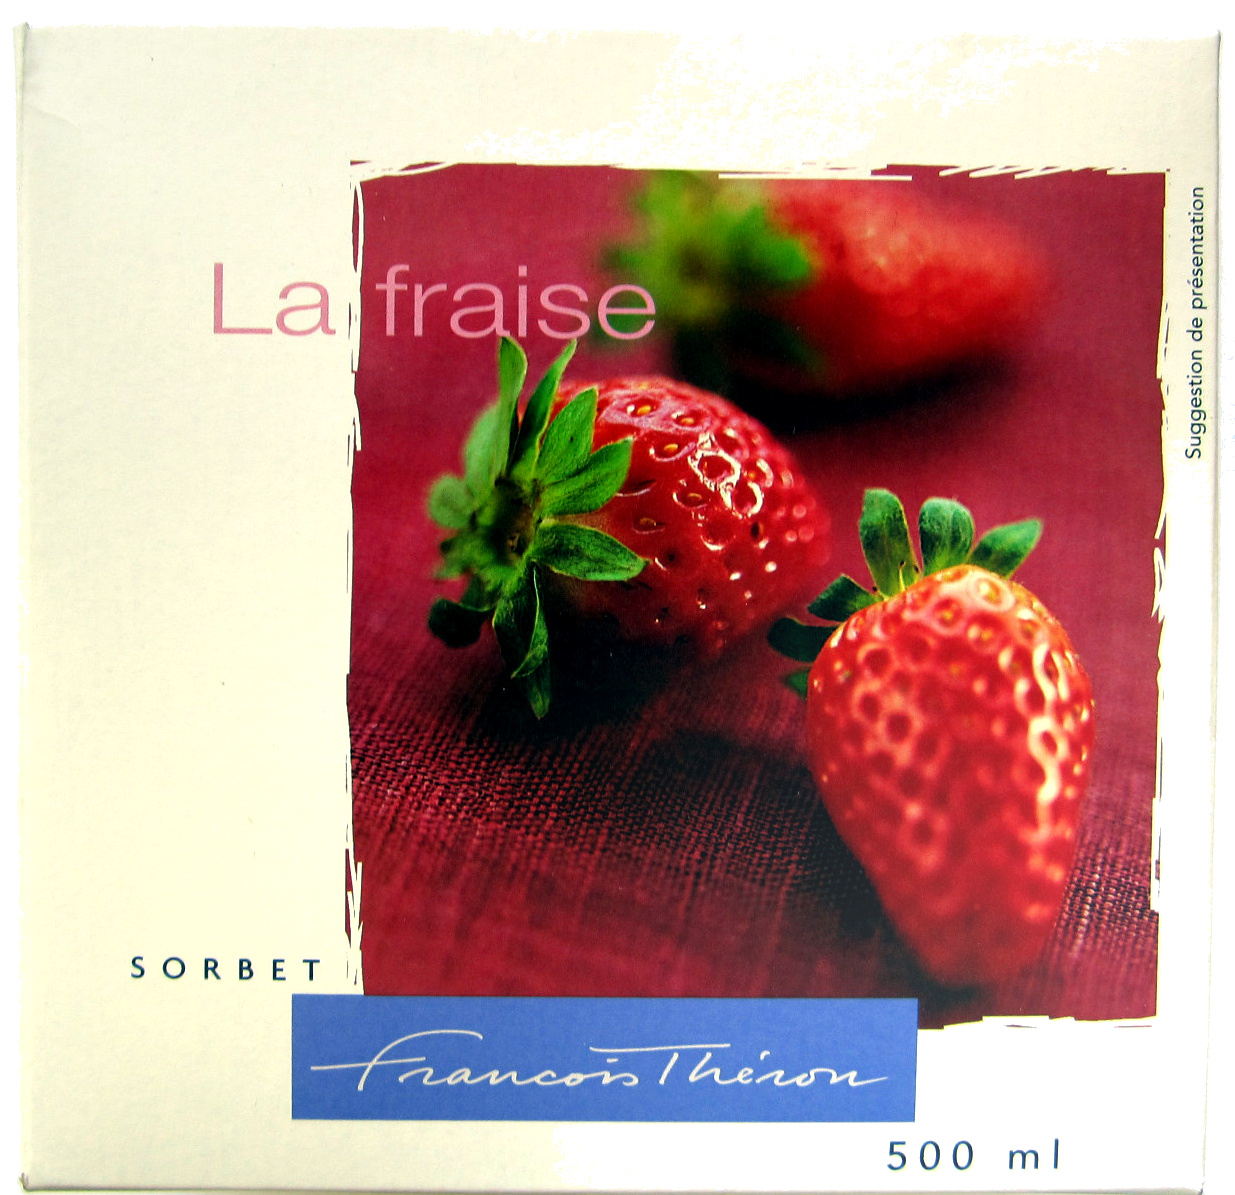 La fraise - Product - fr